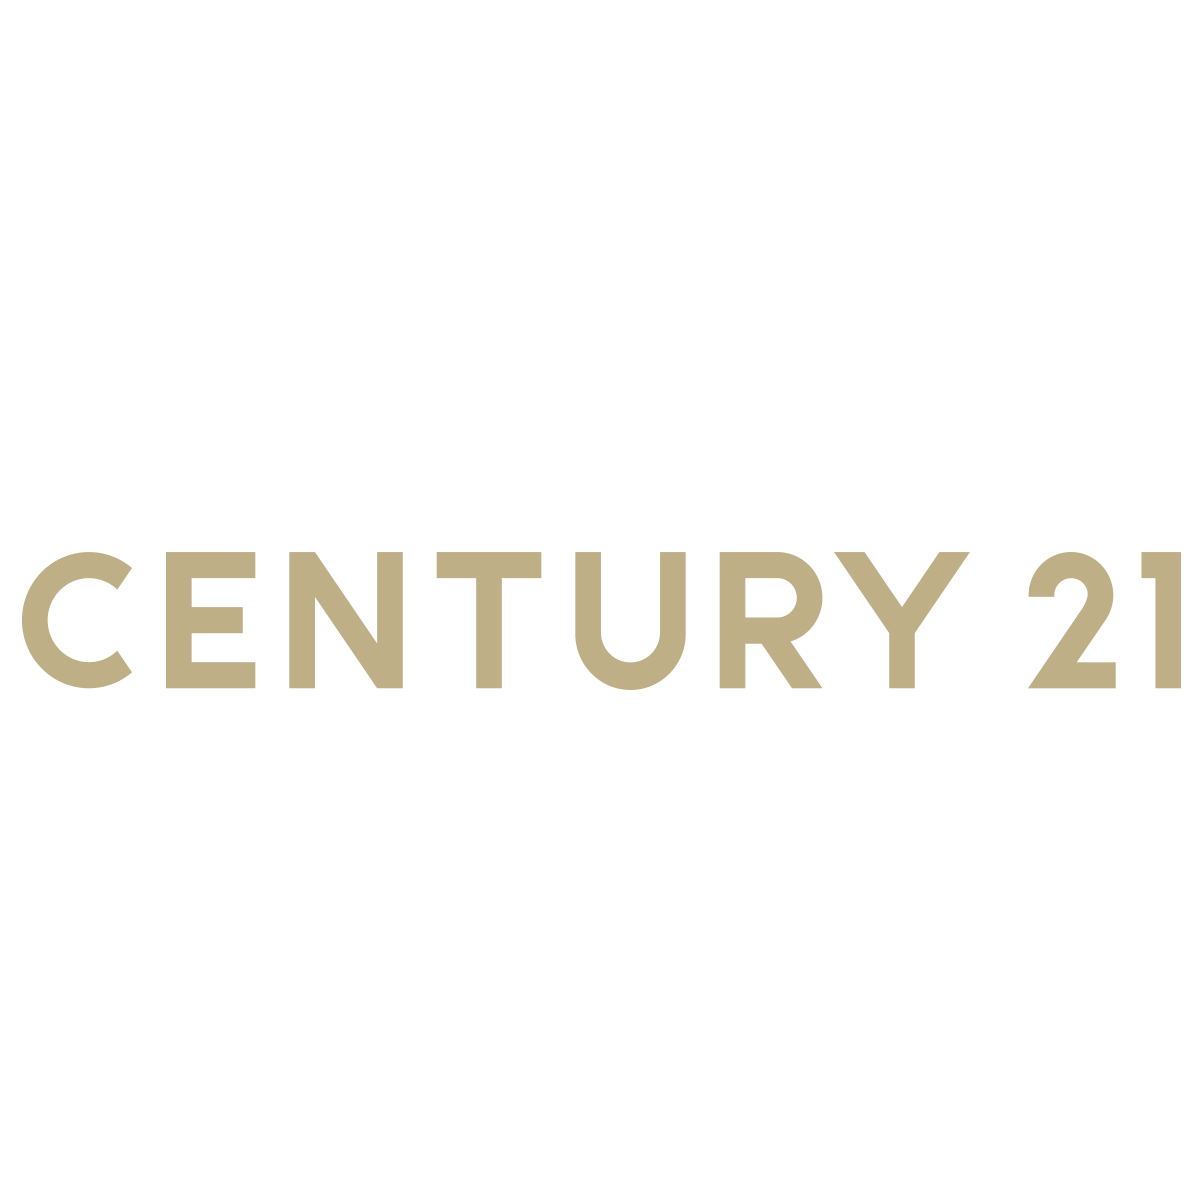 Century 21 Colorado River Realty logo